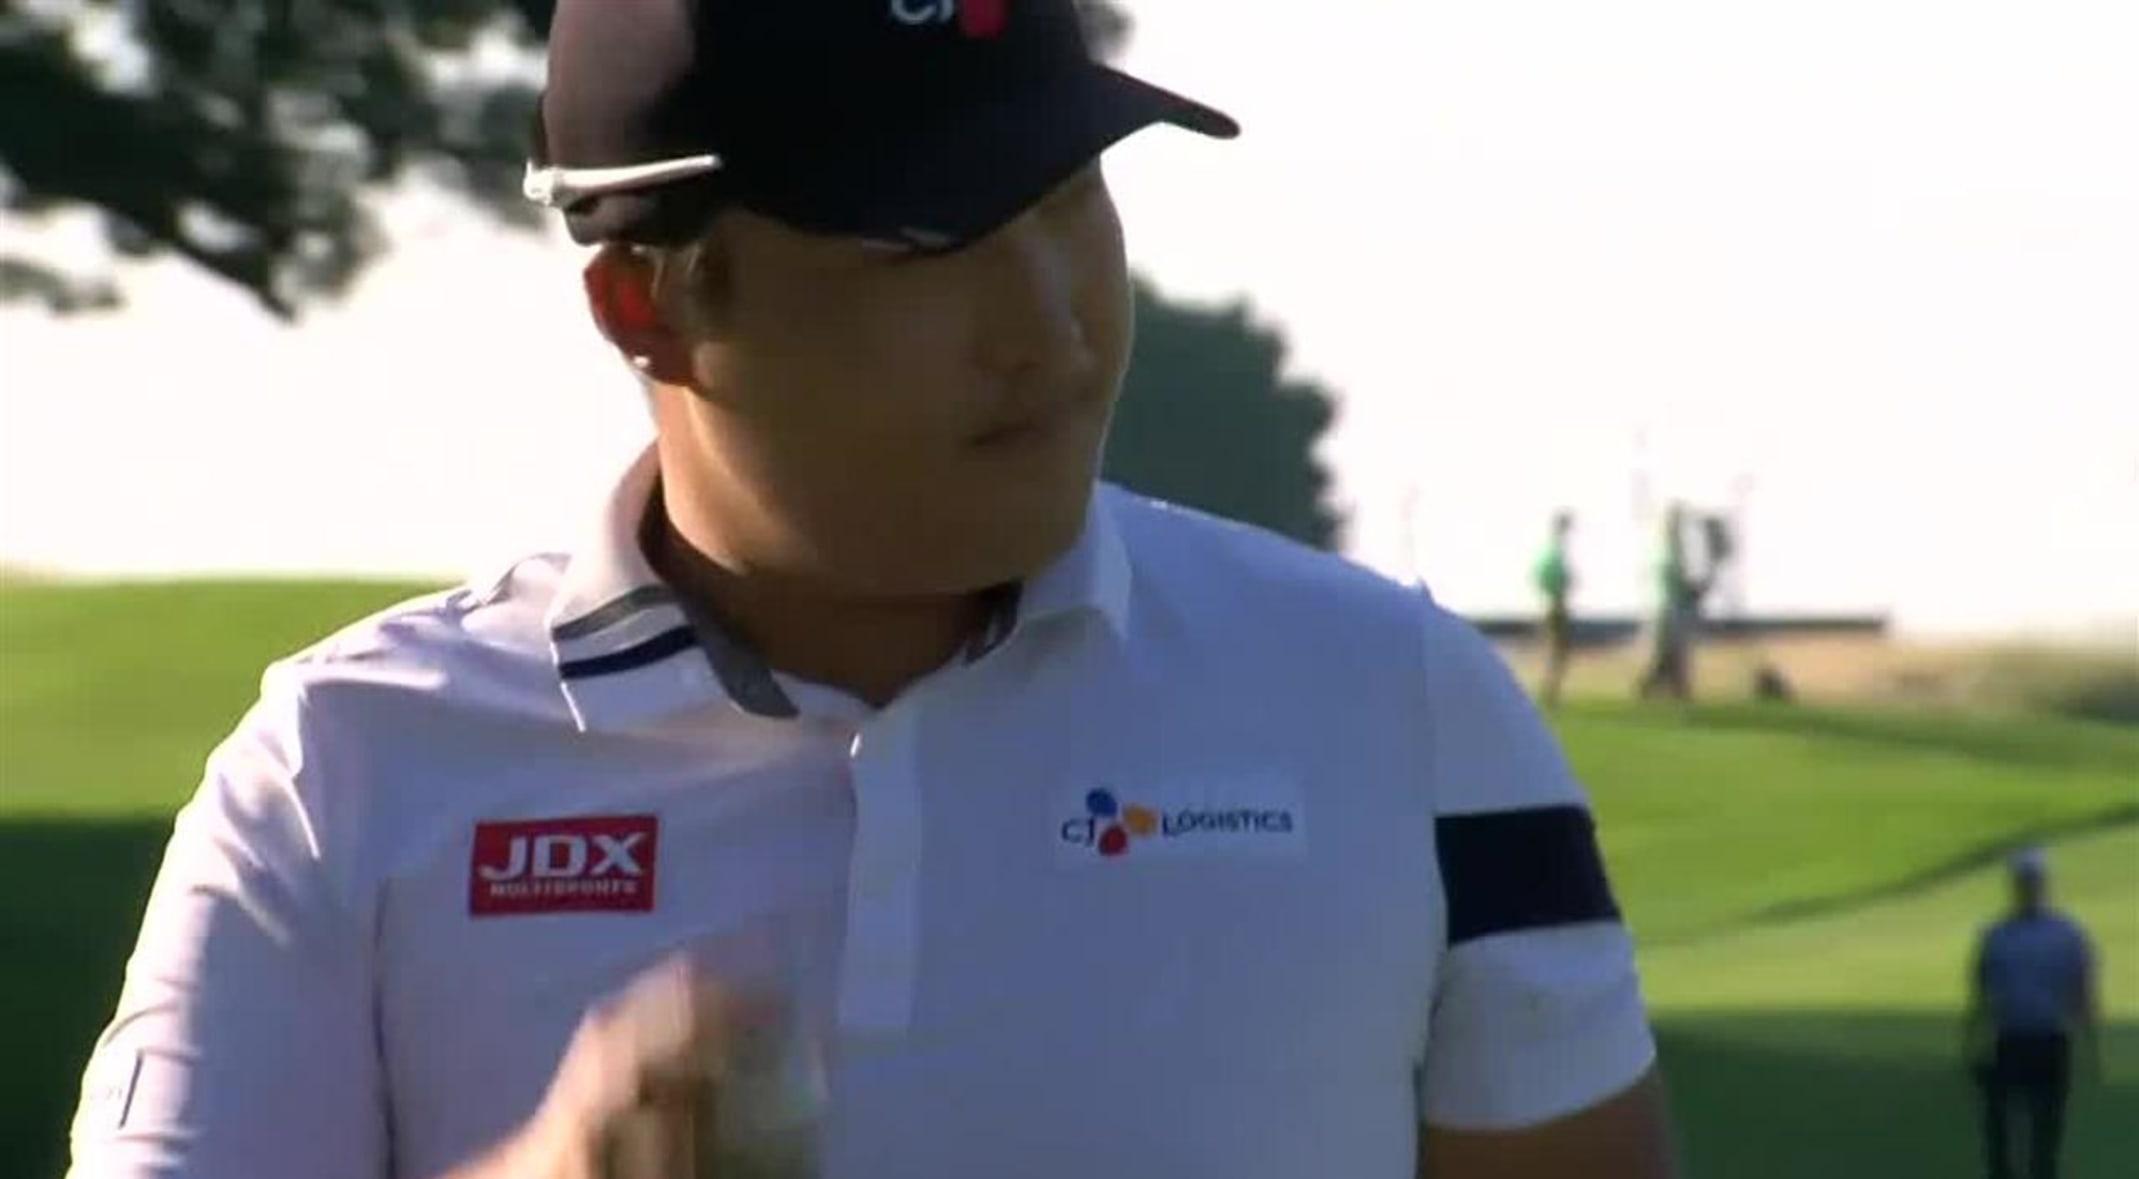 Kyoung-Hoon Lee Round 1 Recap at 2019 John Deere Classic - PGA Tour